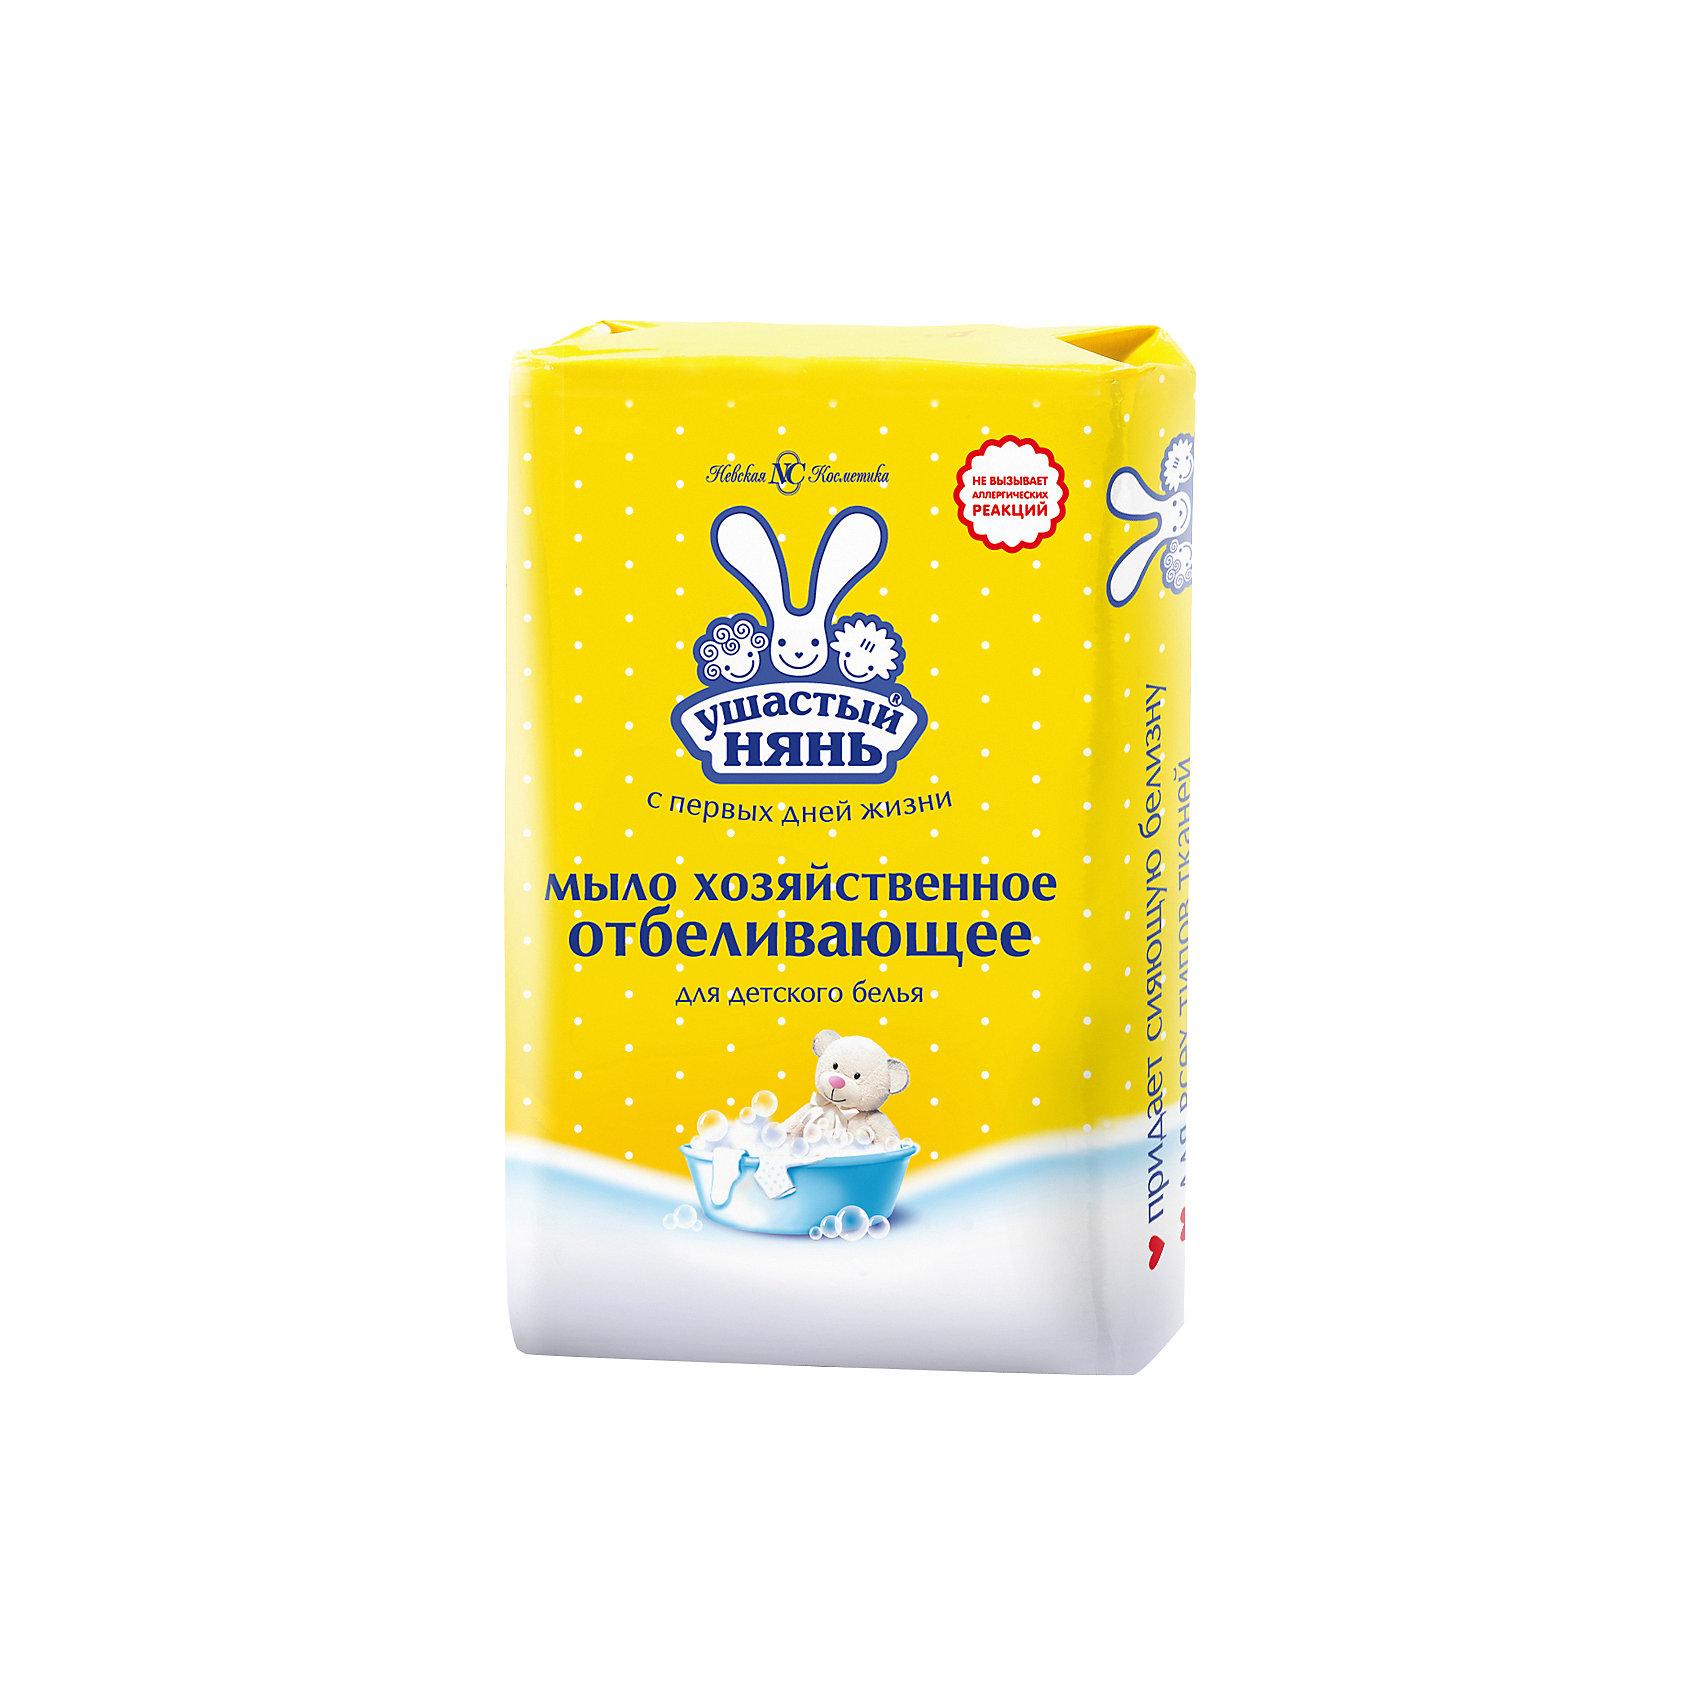 Мыло хозяйственное с отбеливающим эффектом, Ушастый нянь, 180 гХозяйственное мыло с отбеливающим эффектом  Ушастый нянь - уникальная комбинация безопасной заботы о ребенке и высокой эффективности отстирывания! Мыло предназначено специально для стирки детских вещей. Содержит оптический отбеливатель, позволяющий поддерживать эффект белизны при повторных стирках, не снижая при этом качество тканей. После стирки белье приобретает приятный нежный аромат. В отличии от простого детского мыла придает белью сияющую белизну и свежесть, а главное удаляет даже застарелые трудновыводимые пятна. Содержит кондиционирующую добавку, защищающую кожу рук. Кожа ребенка крайне нежна и чувствительна, поэтому мыло Ушастый нянь производятся исключительно из натуральных компонентов, содержит специальные смягчающие и противовоспалительные вещества растительного происхождения.  <br><br>Дополнительная информация:<br><br>- не содержит запрещенных ингредиентов;<br>- активные компоненты: оптический отбеливатель, кондиционирующий компонент;<br>- не вызывает деформацию ткани и потерю цвета;<br>- не вызывает аллергии;<br>- не содержит красителей;<br>- очень экономично расходуется;<br>- состав: натриевые соли жирных кислот, животных жиров и растительных масел, вода, парфюмерная композиция, производные бис- (триазиниламина) – стильбен дисульфокислоты, диоксид титана, поликватерниум-7, триэтаноламинн, диэтиленгликоль, ПЭГ-9, динатриевая соль, ЭДТА, лимонная кислота, натрий карбоксиметилцеллюлоза, бензойная кислота, натрия хлорид;<br>- вес: 180г.<br><br>Мыло хозяйственное с отбеливающим эффектом, Ушастый нянь, 180 г Вы можете купить в нашем интернет-магазине.<br><br>Ширина мм: 95<br>Глубина мм: 40<br>Высота мм: 57<br>Вес г: 202<br>Возраст от месяцев: 0<br>Возраст до месяцев: 48<br>Пол: Унисекс<br>Возраст: Детский<br>SKU: 3531109